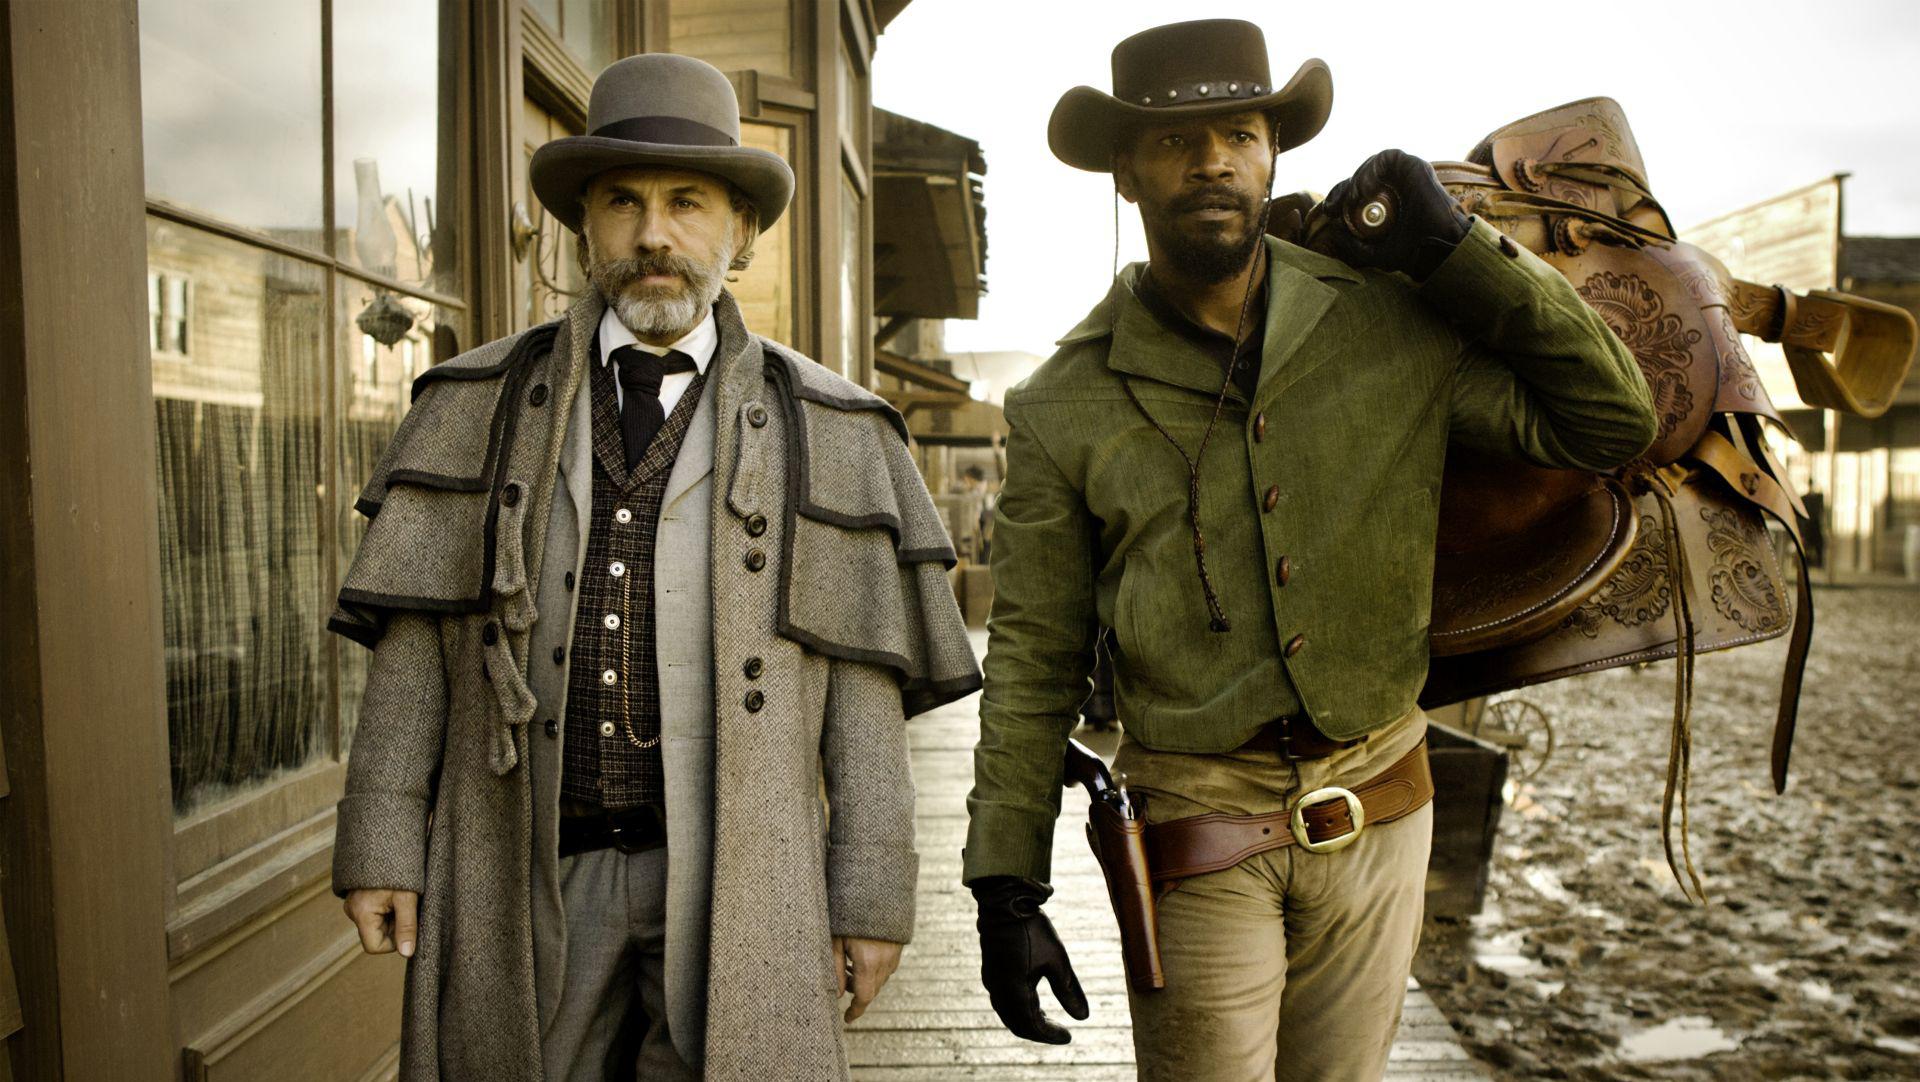 Django wallpapers Movie HQ Django pictures 4K Wallpapers 2019 1920x1082